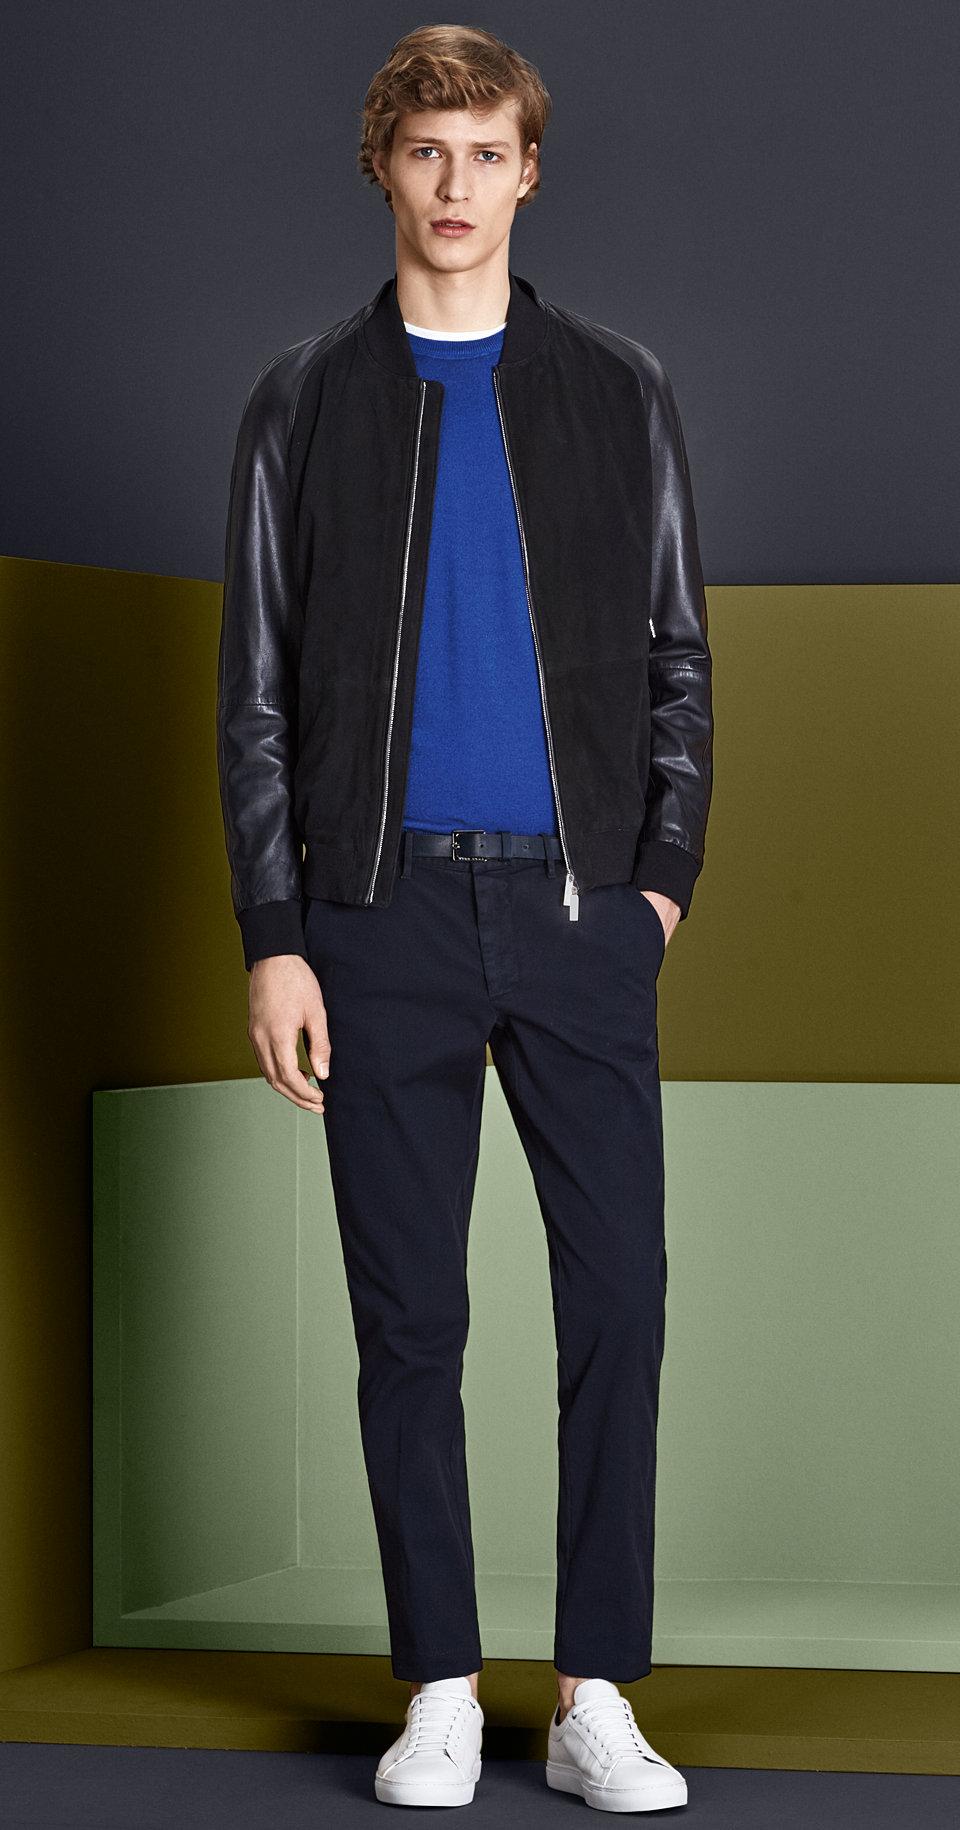 Dunkelblaue Lederjacke, Strick, weißes Jersey, dunkelblaue Hose mit schwarzem Gürtel und weißen Schuhen von BOSS